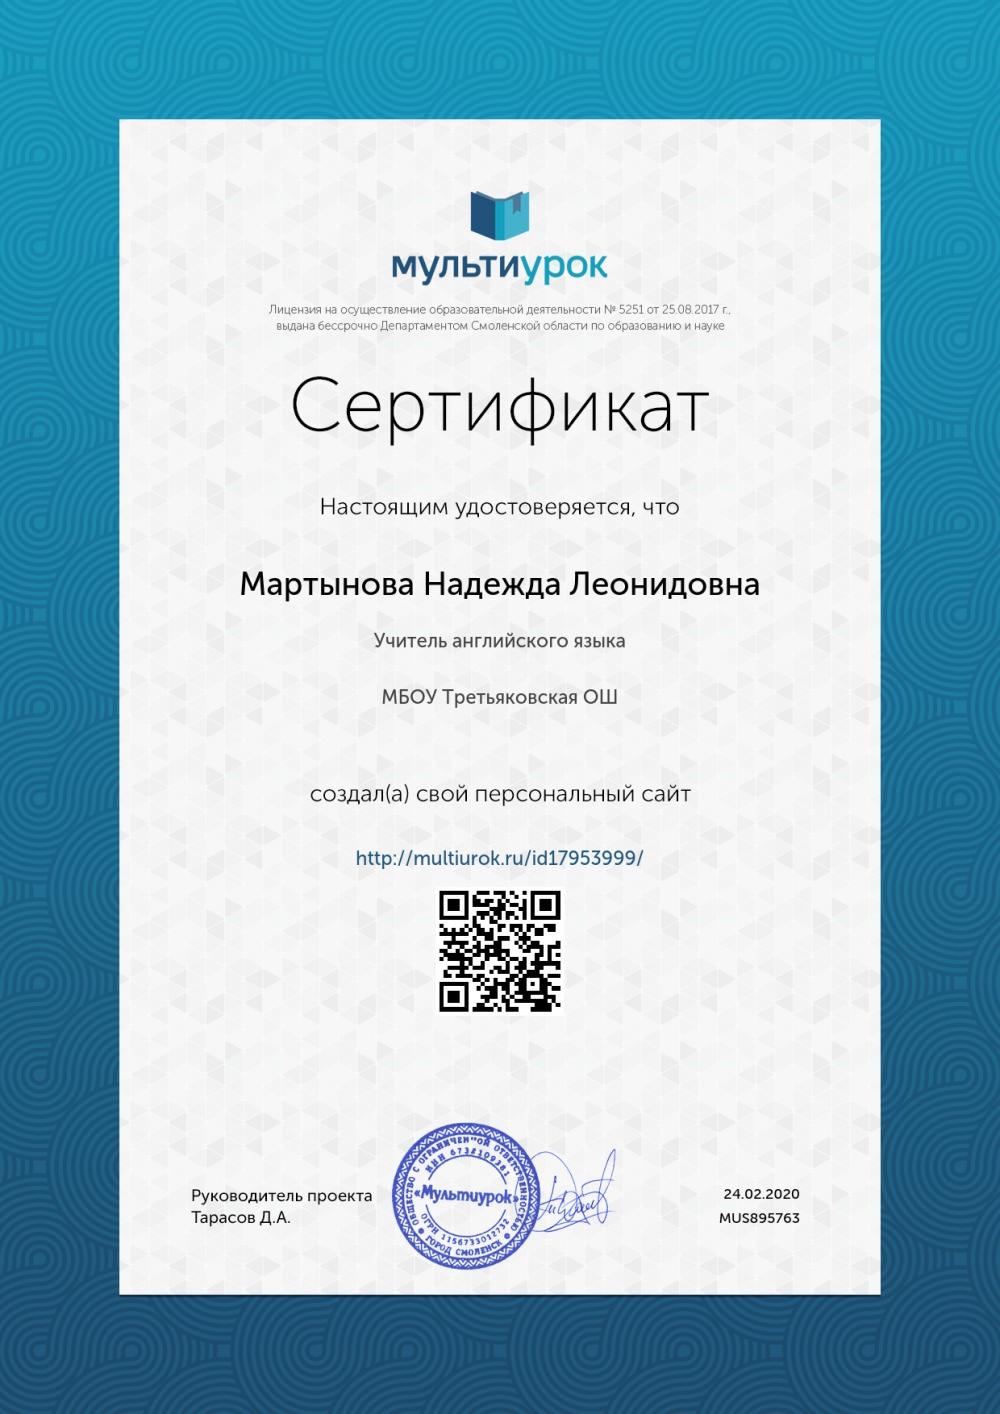 Свидетельство о создании сайта бесплатно сайт компании билайн в узбекистане